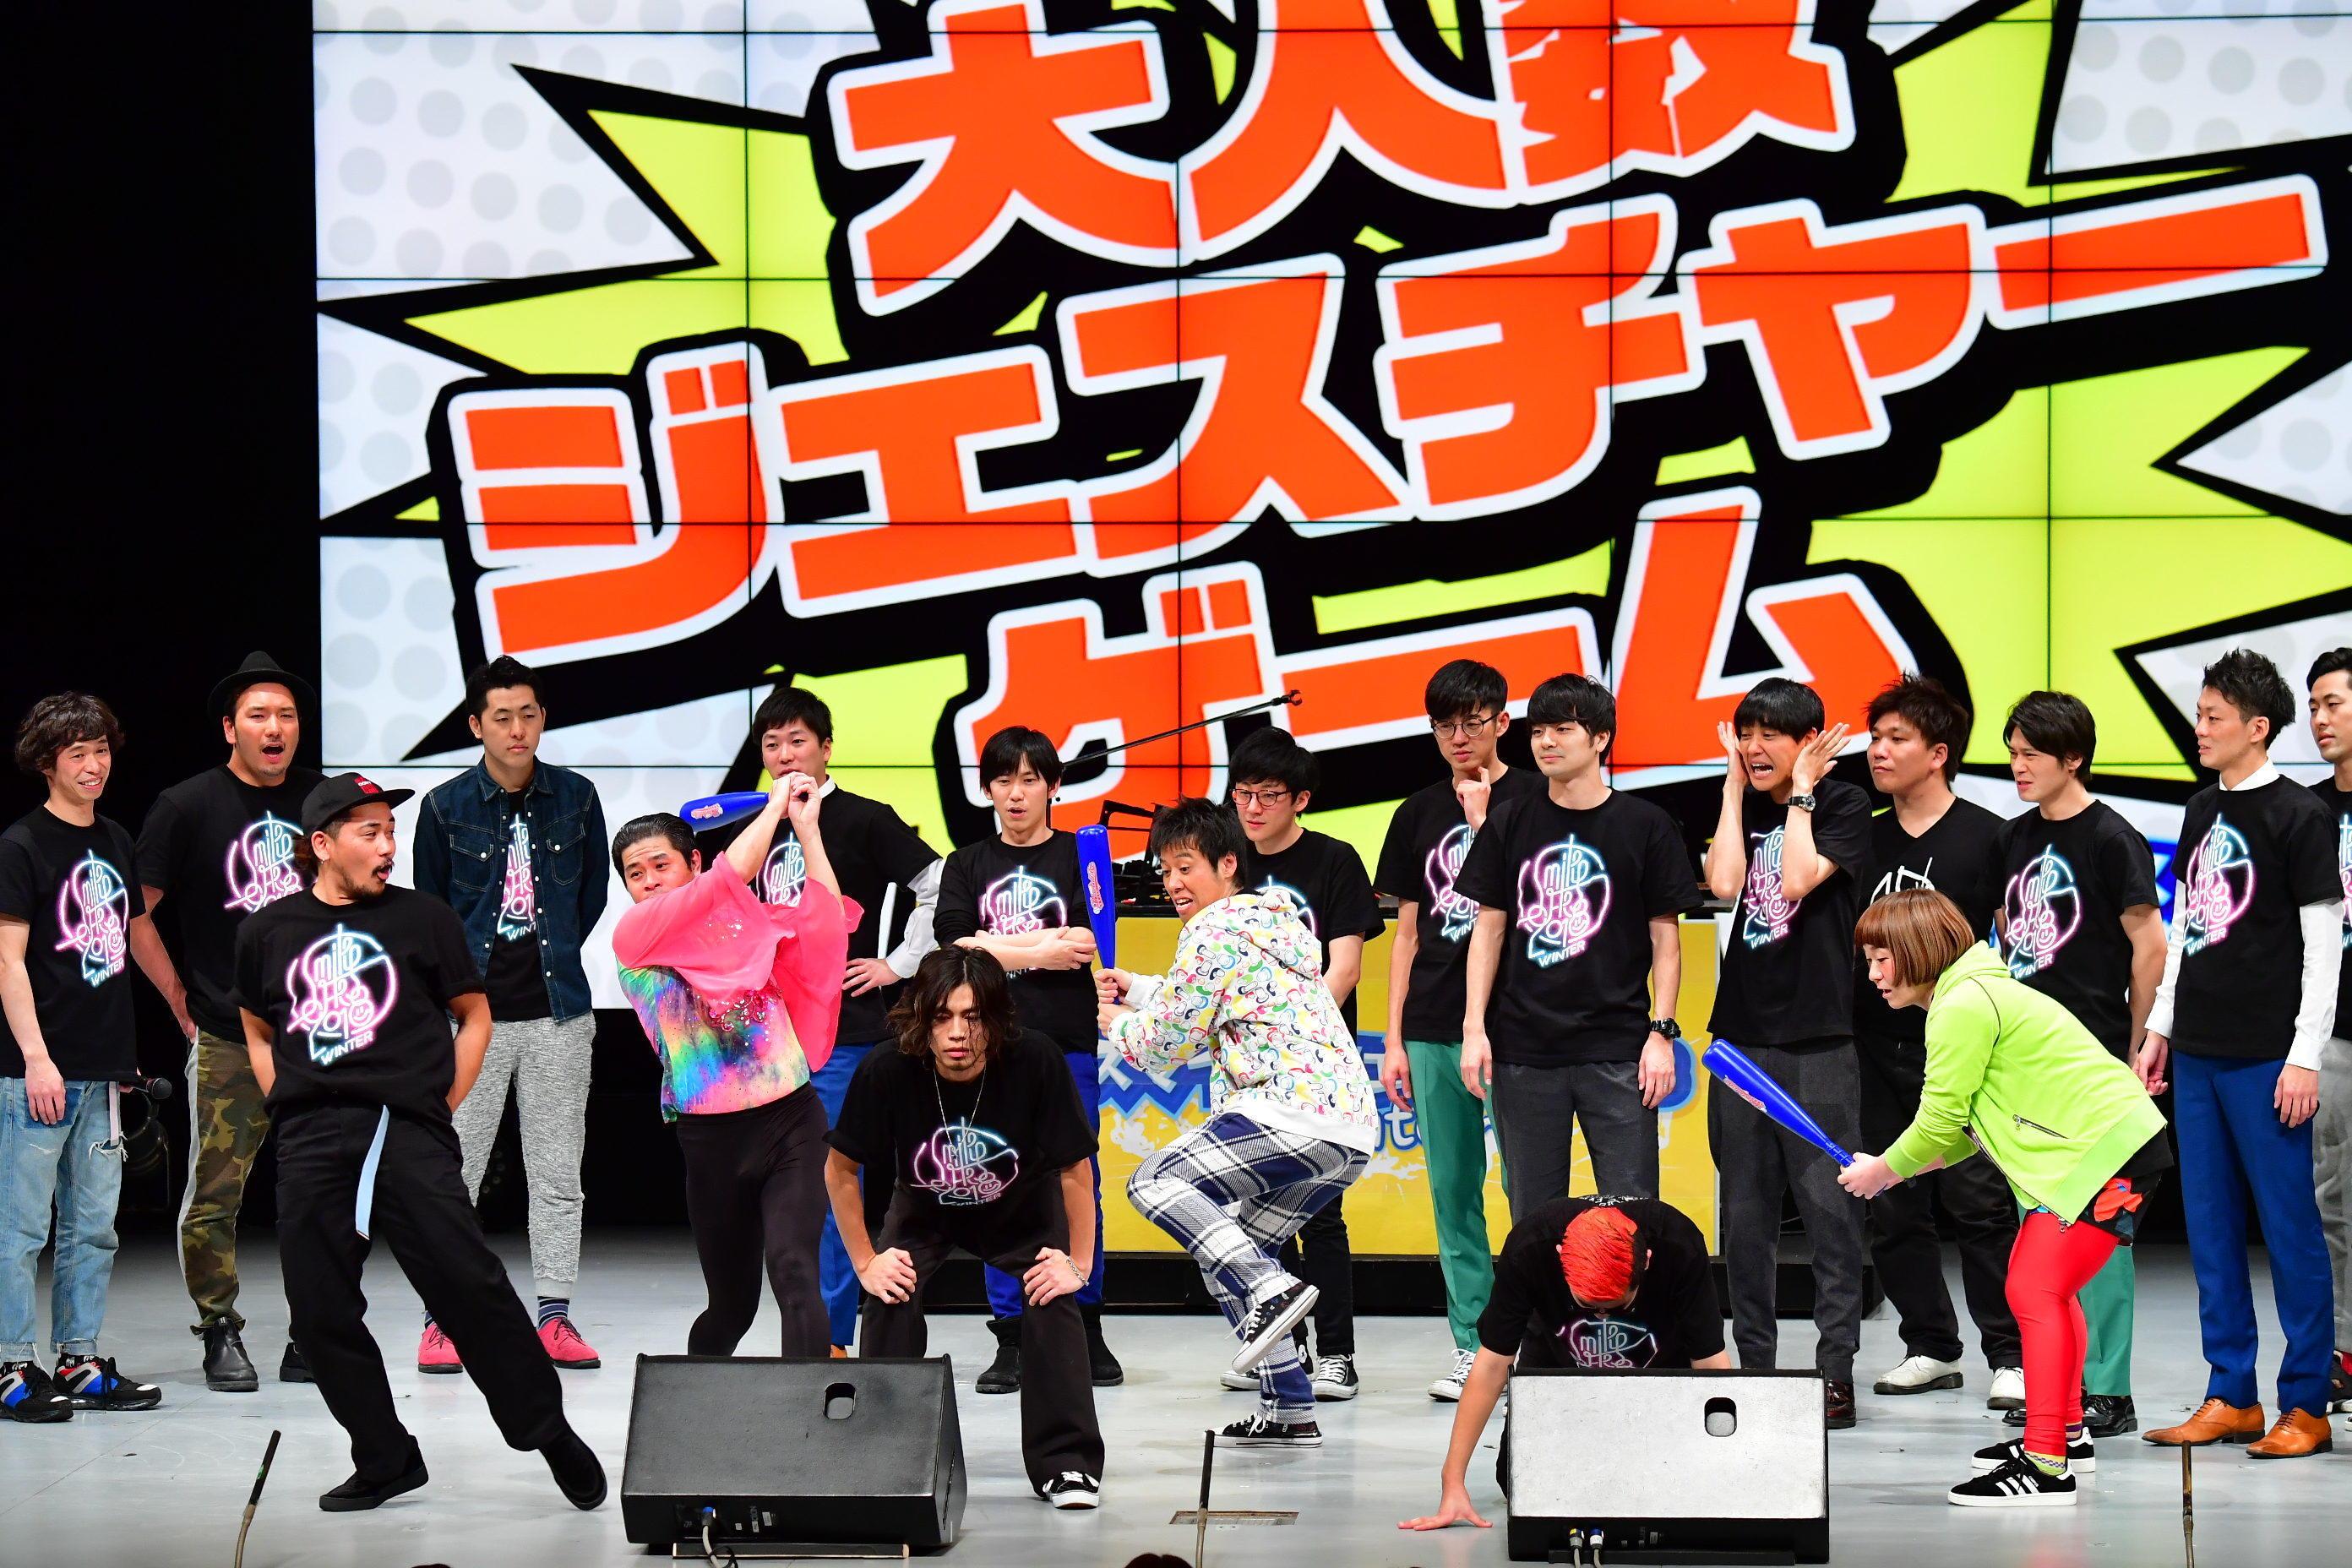 http://news.yoshimoto.co.jp/20180119010956-06f270d8d8de17dd829530914a1e10b9f46ea964.jpg